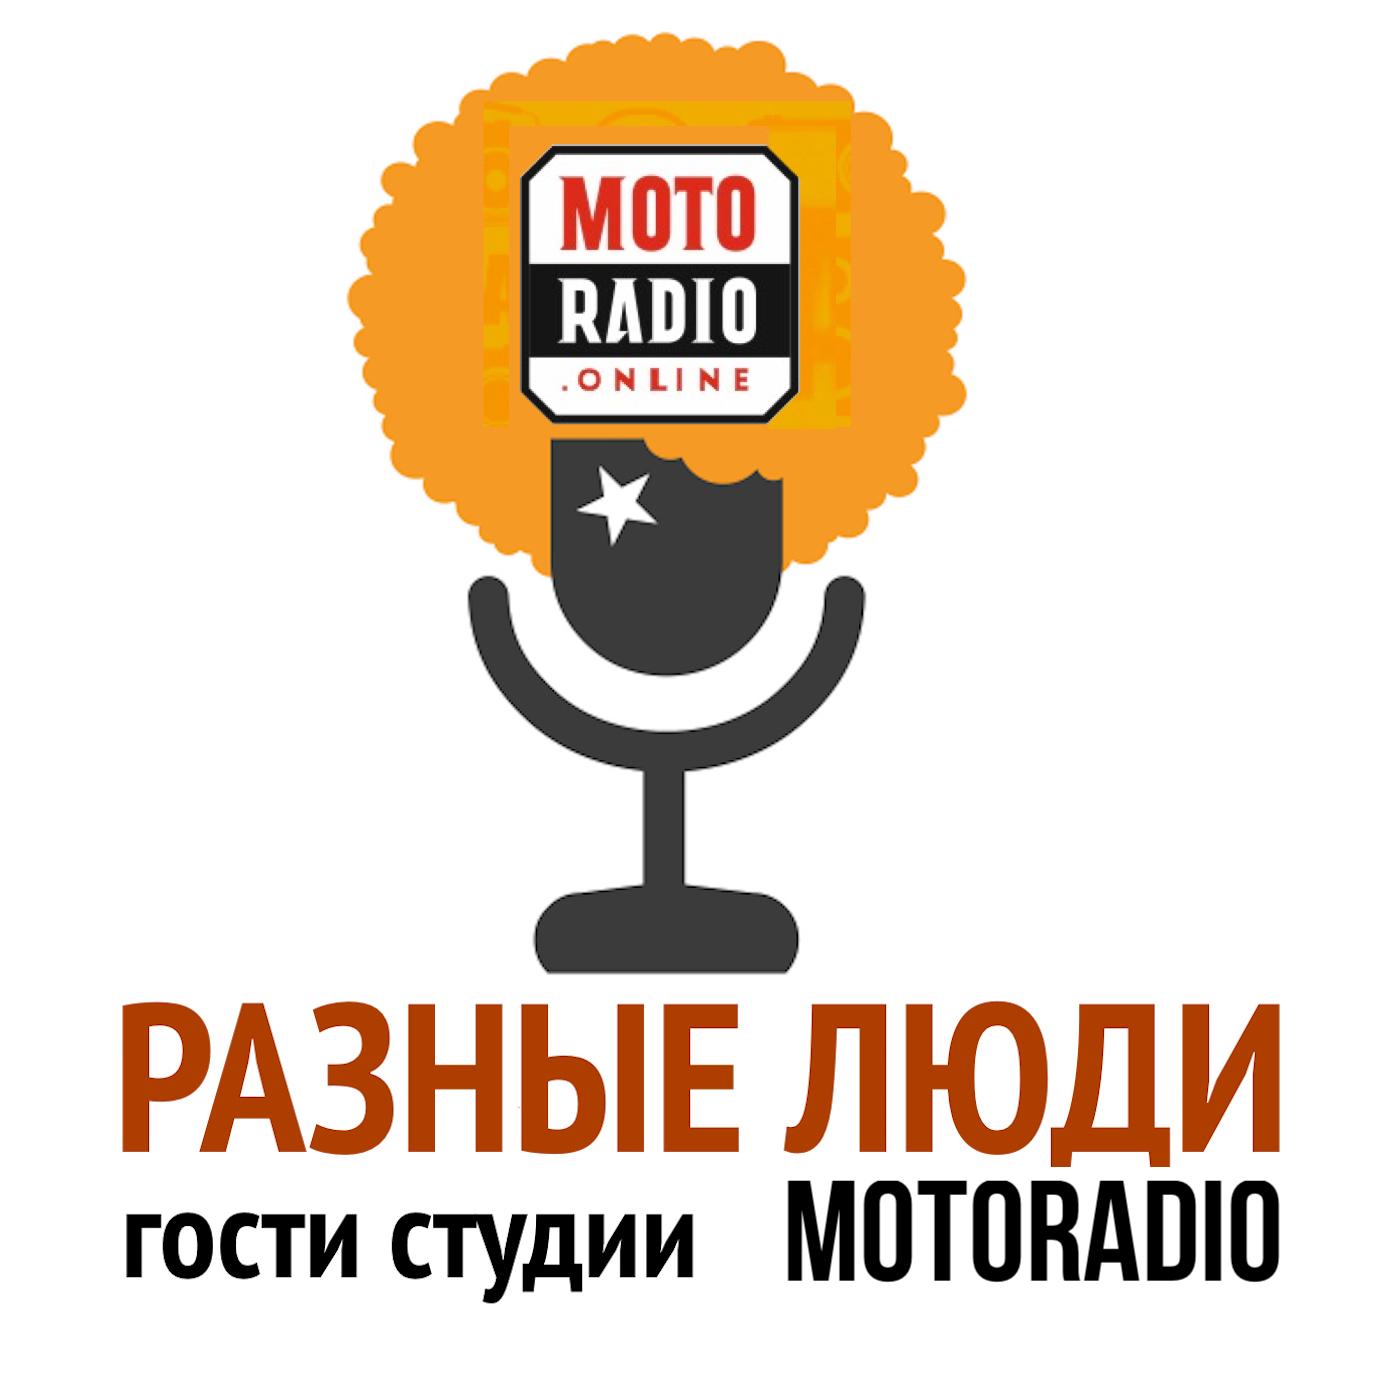 Моторадио Евгений Вышенков об ограничении количества половых контактов в году в партии ЛДПР